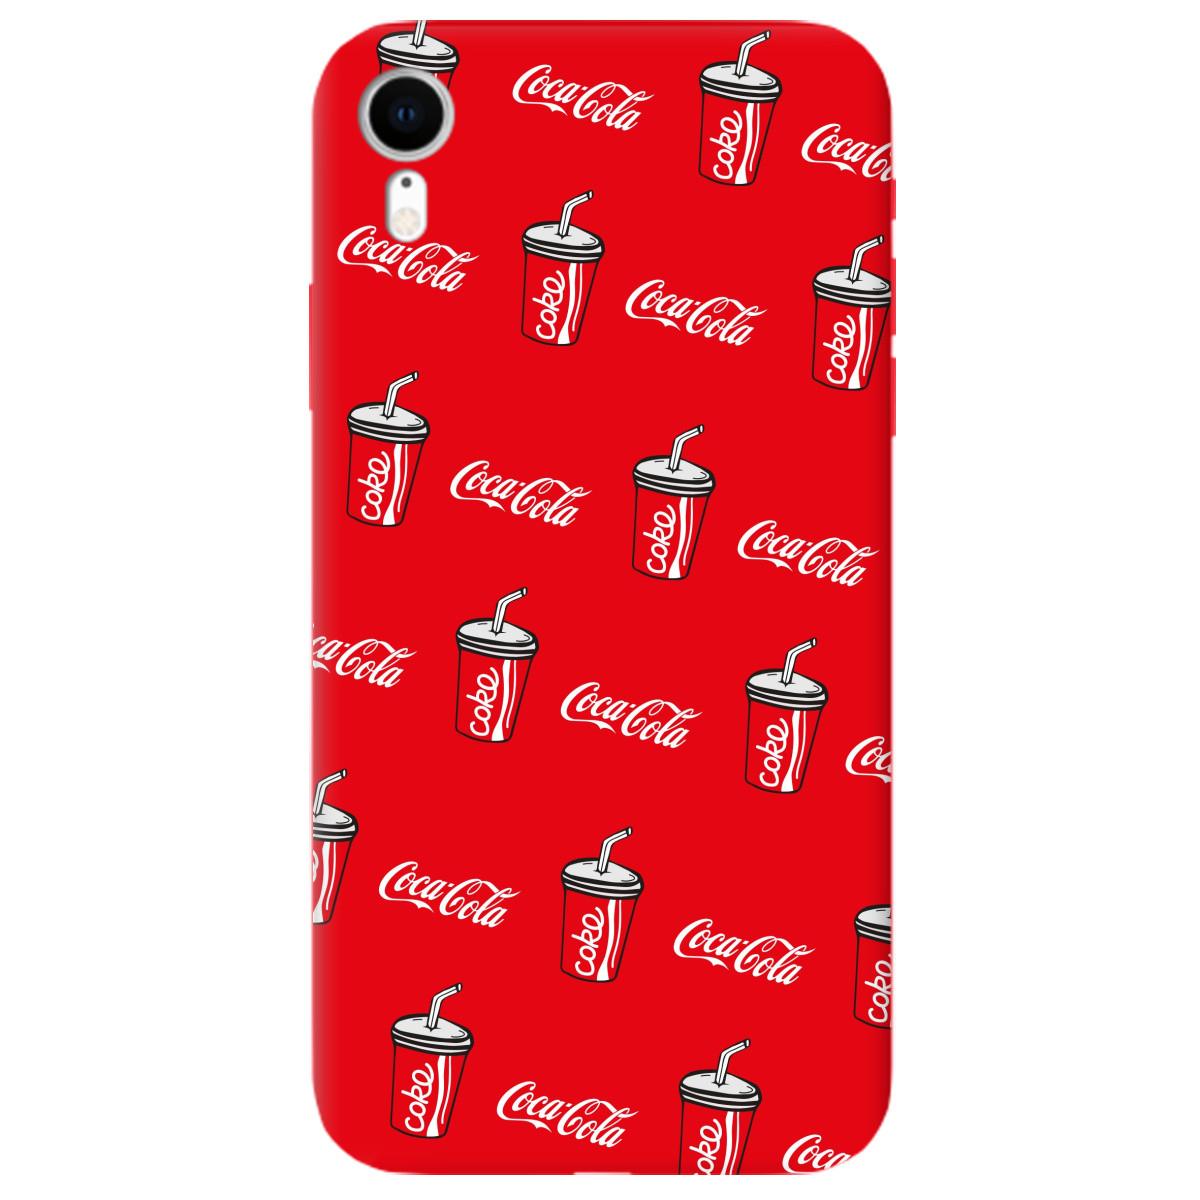 Чехол для Apple iPhone XR ярко-красный матовый soft touch Coca Cola